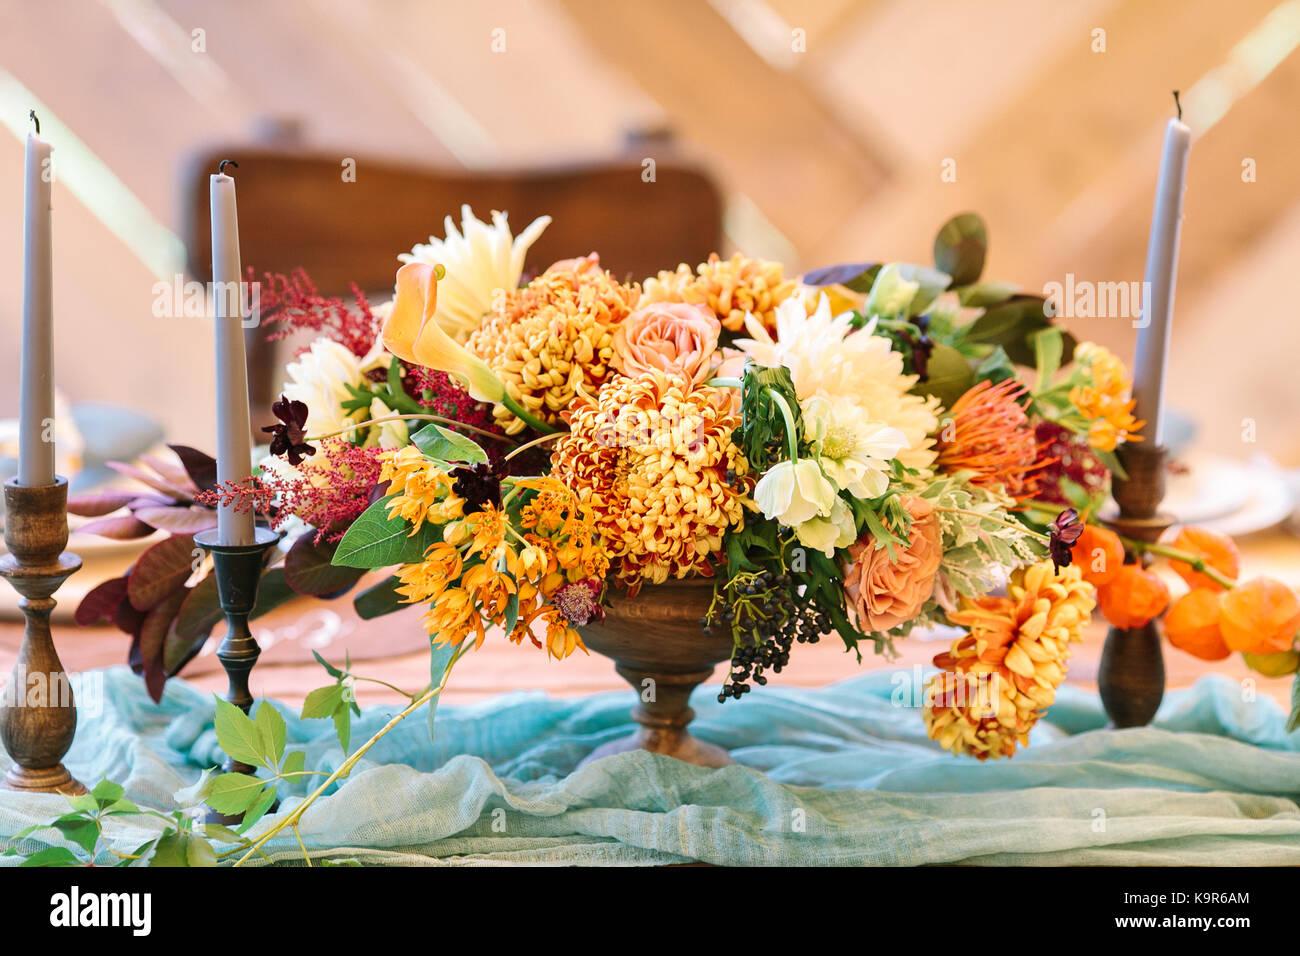 Arreglos Florales Caen Decoración Concepto Impresionante